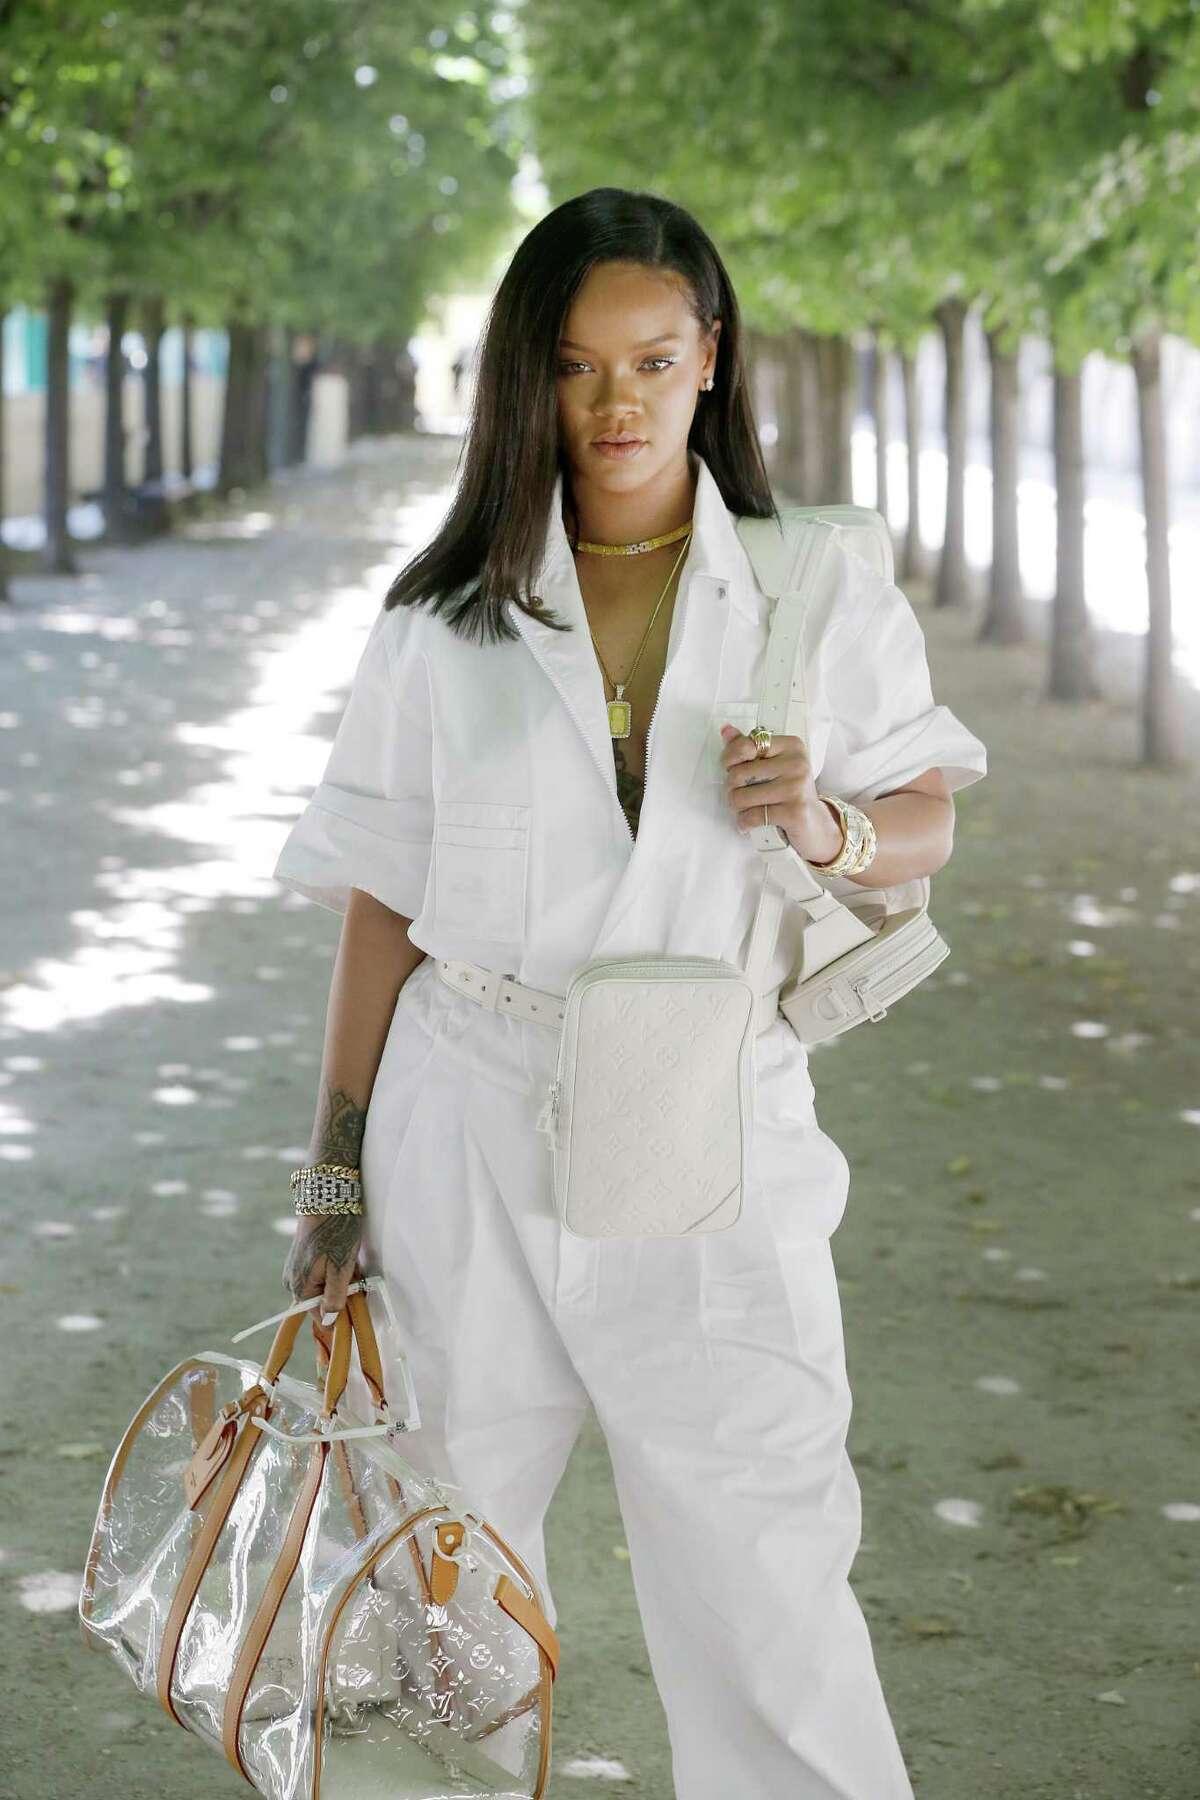 Rihanna attends the Louis Vuitton Menswear Spring/Summer 2019 show.